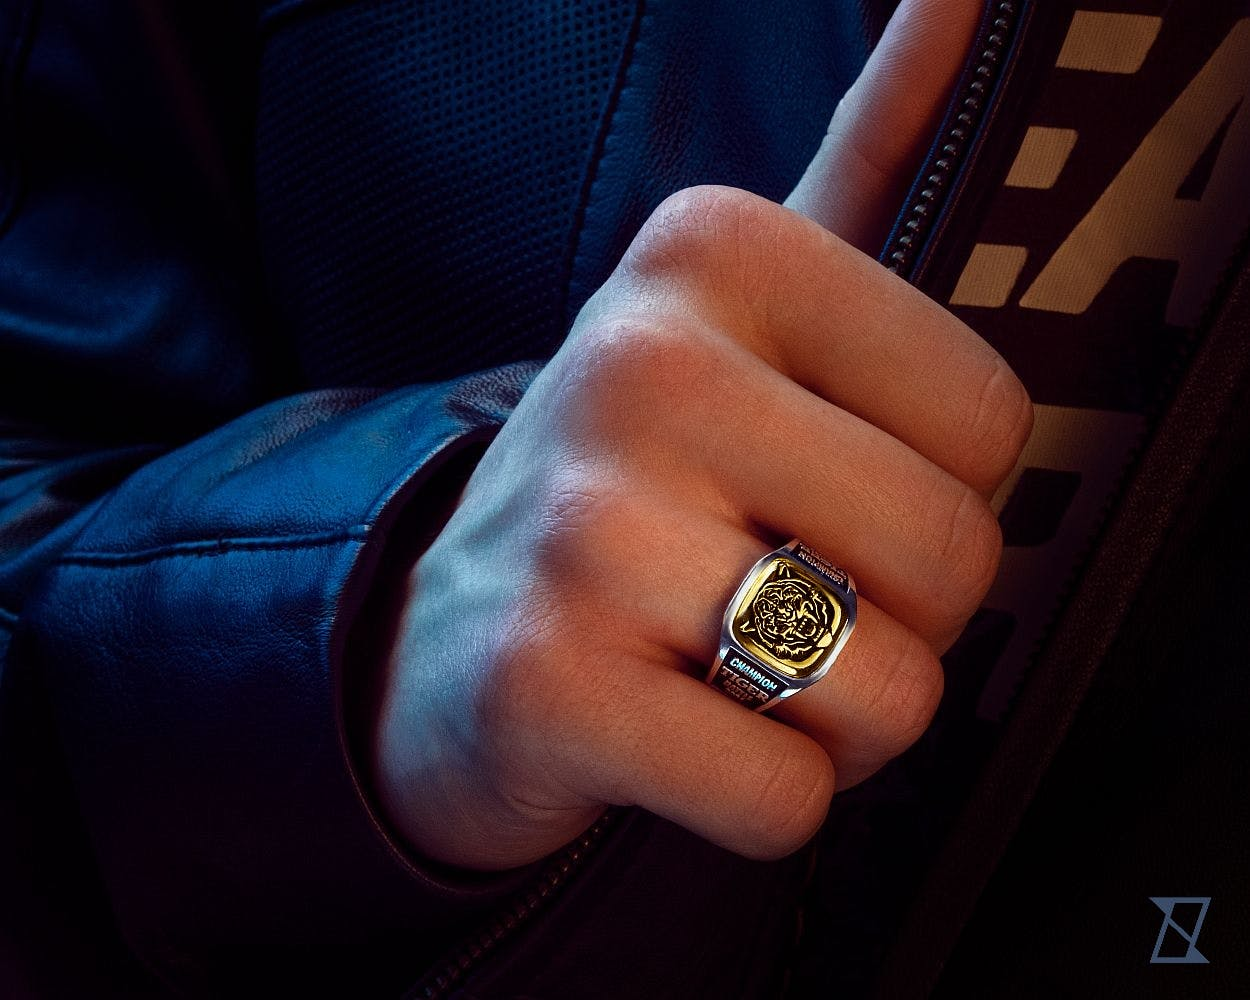 Pierścień z tygrysem na męskiej dłoni.